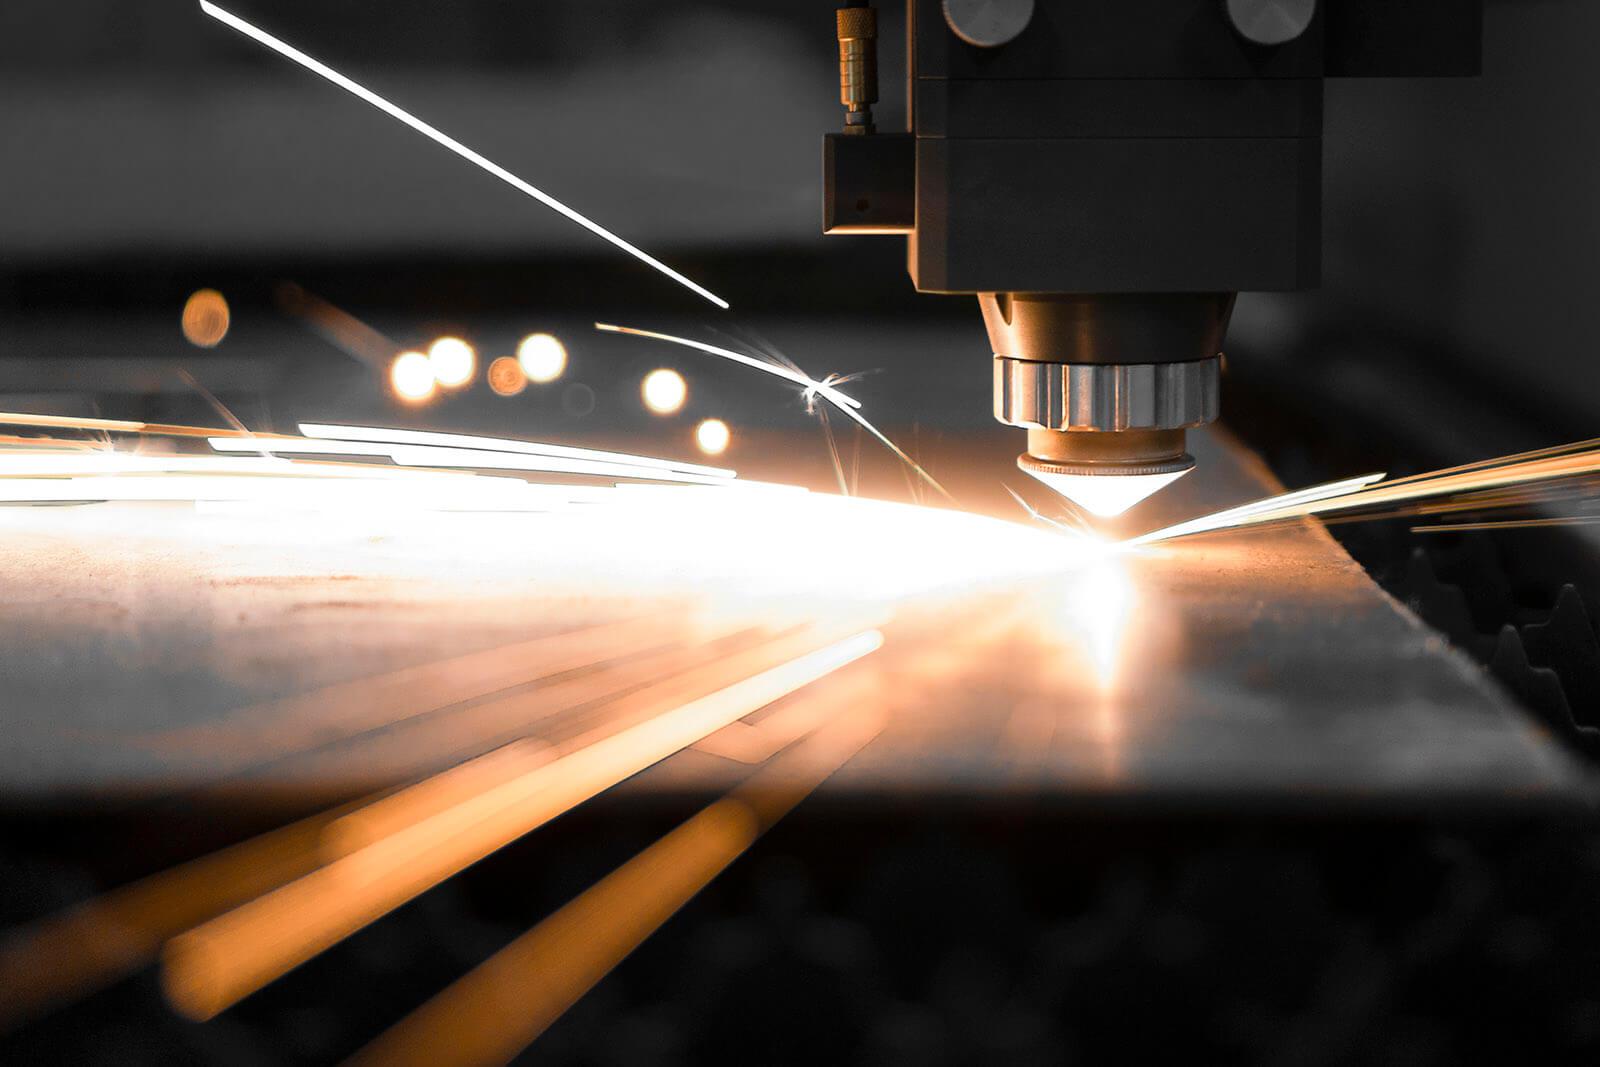 Close-Up Of Fiber Laser Cutting Metal